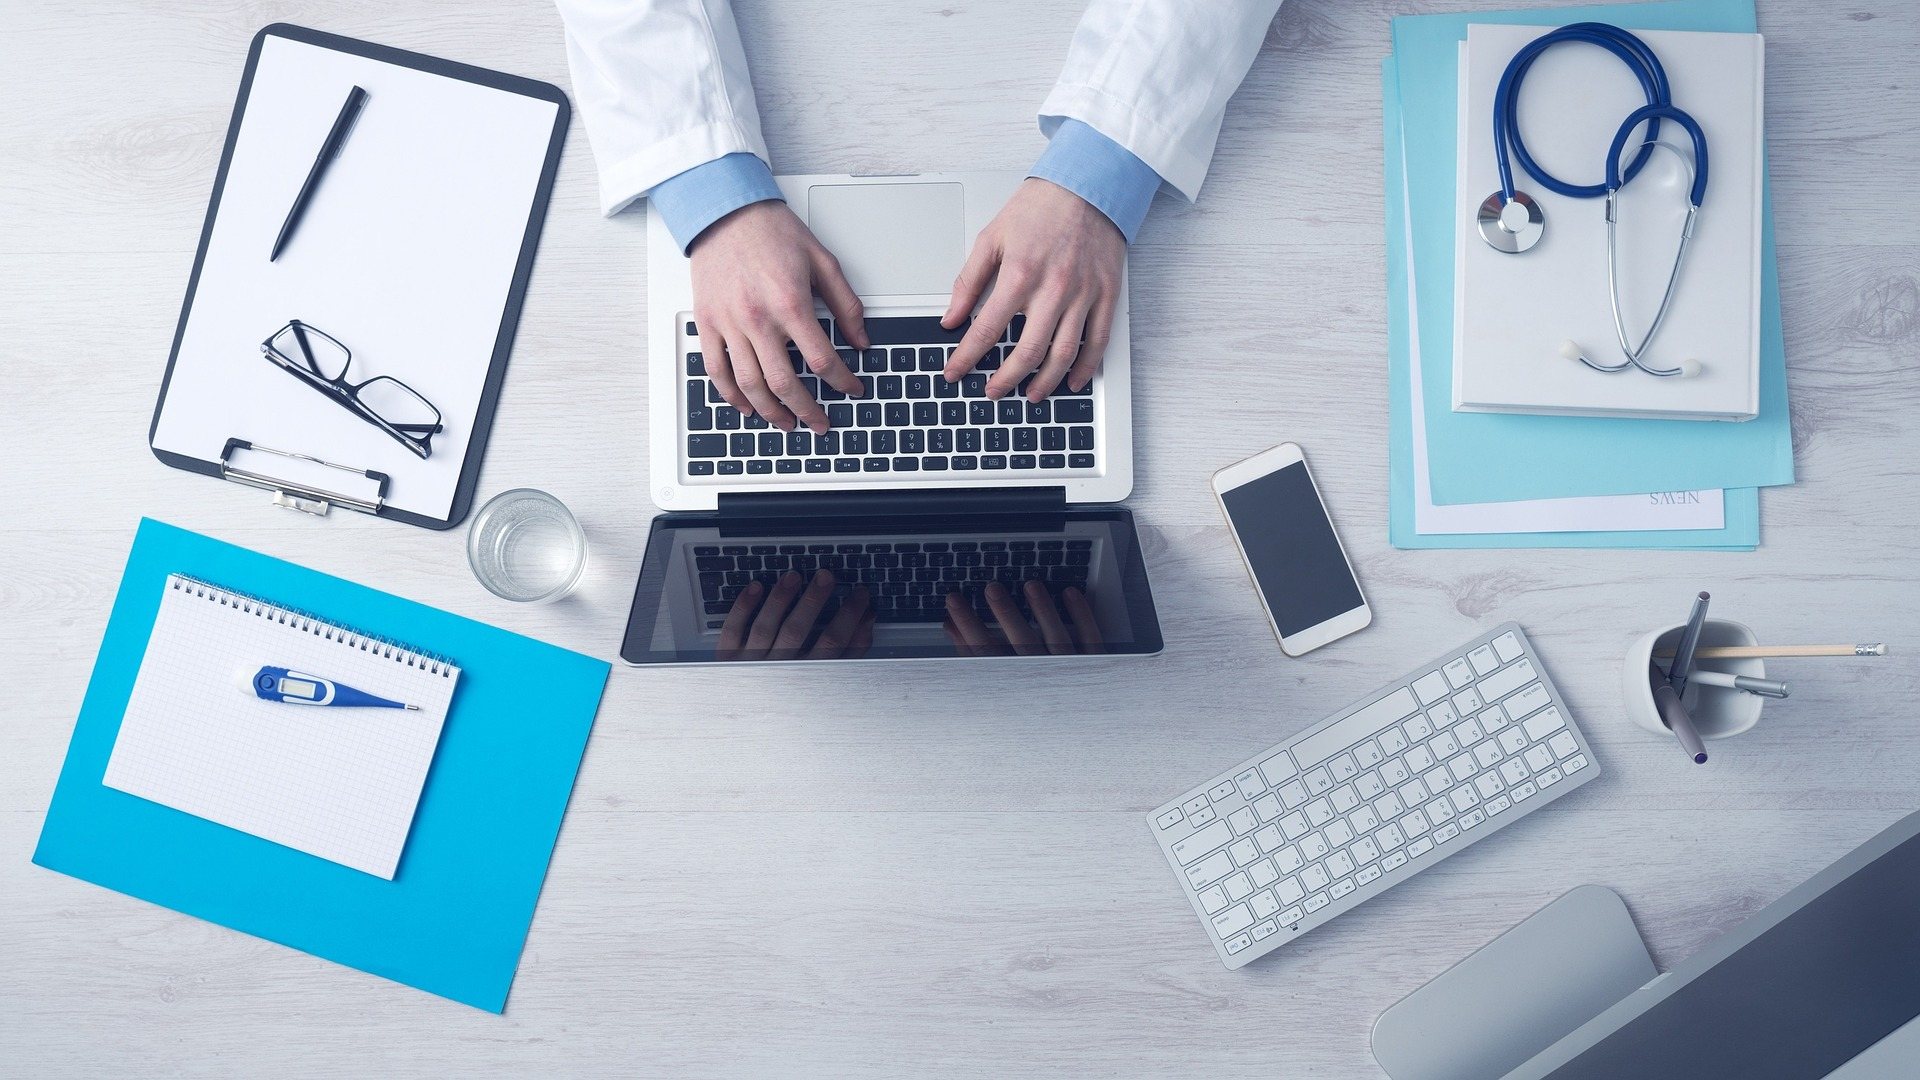 Deväť lekárskych postupov, ktoré nemajú vedecký základ, no stále ich podstupujeme